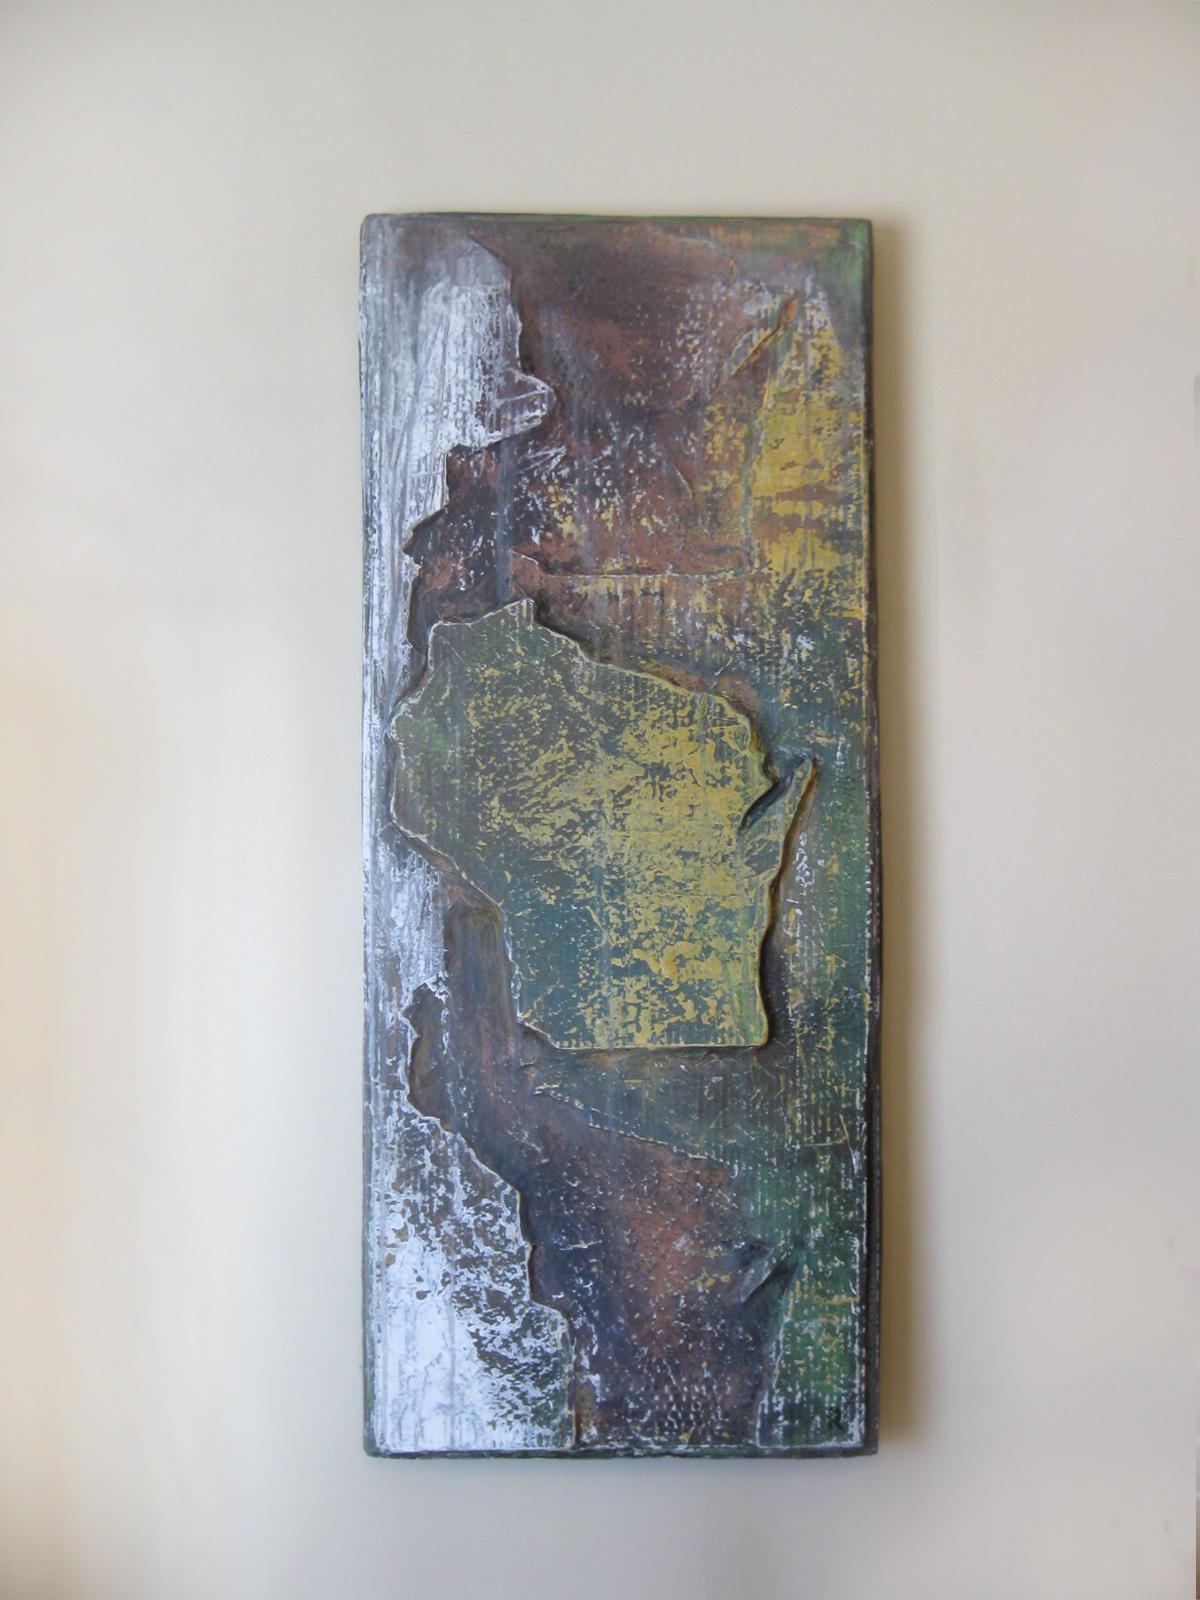 Tundra (2014)